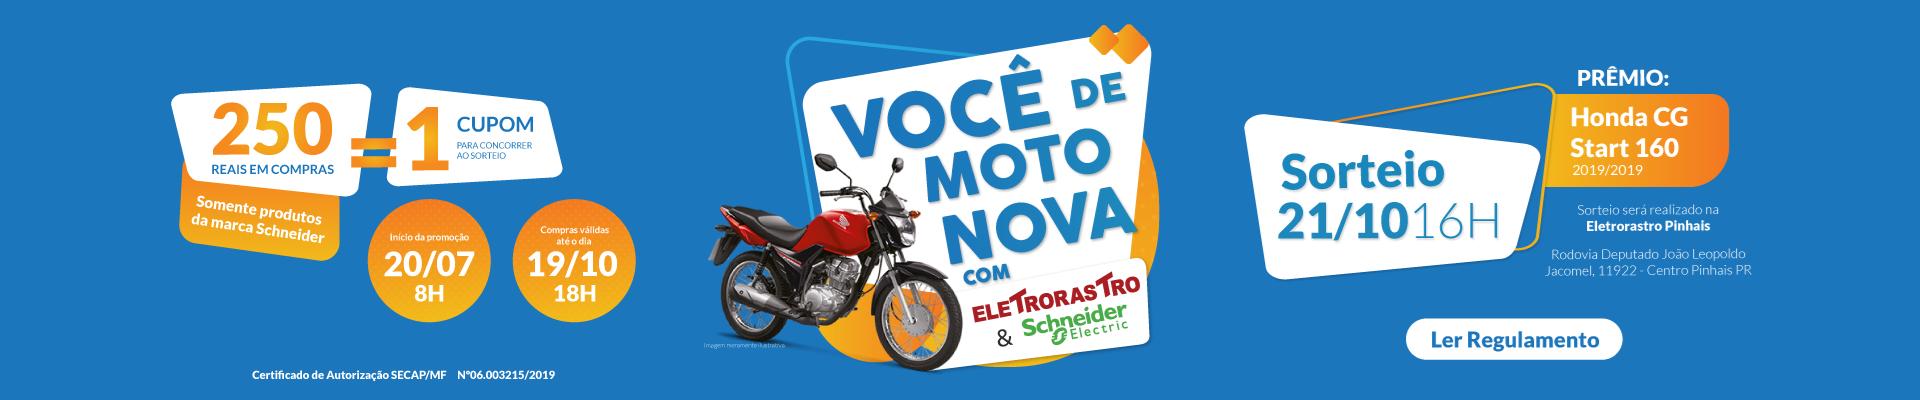 Sorteio Moto